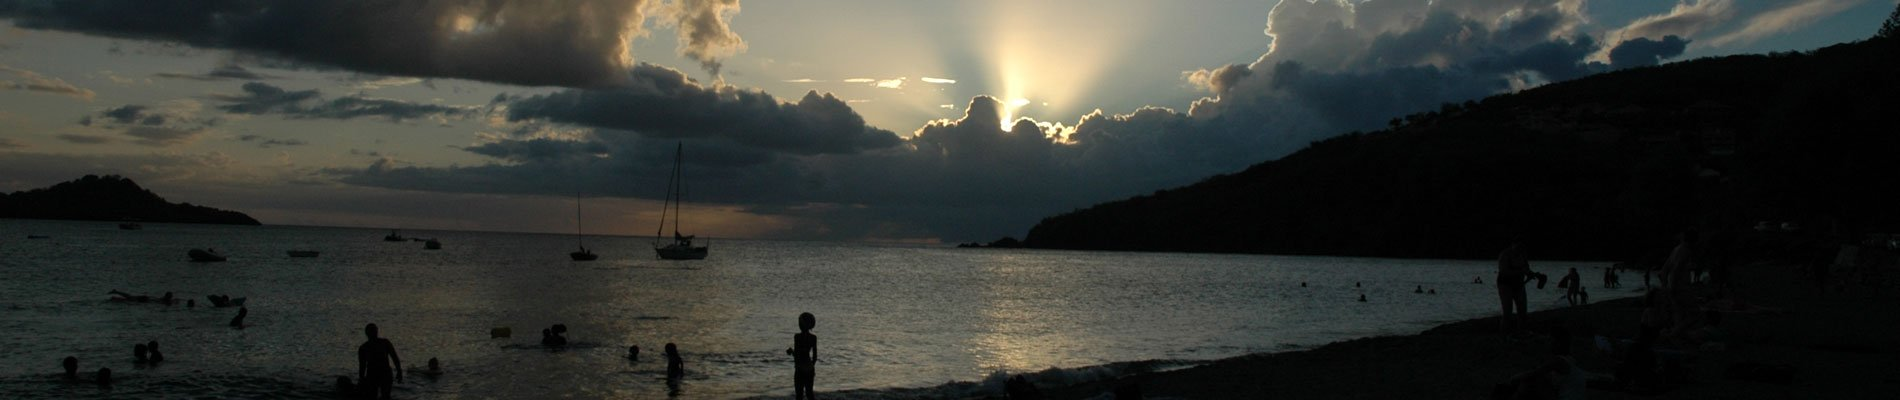 guadeloupe-zonsondergang-plage-malendure-1900x400.jpg